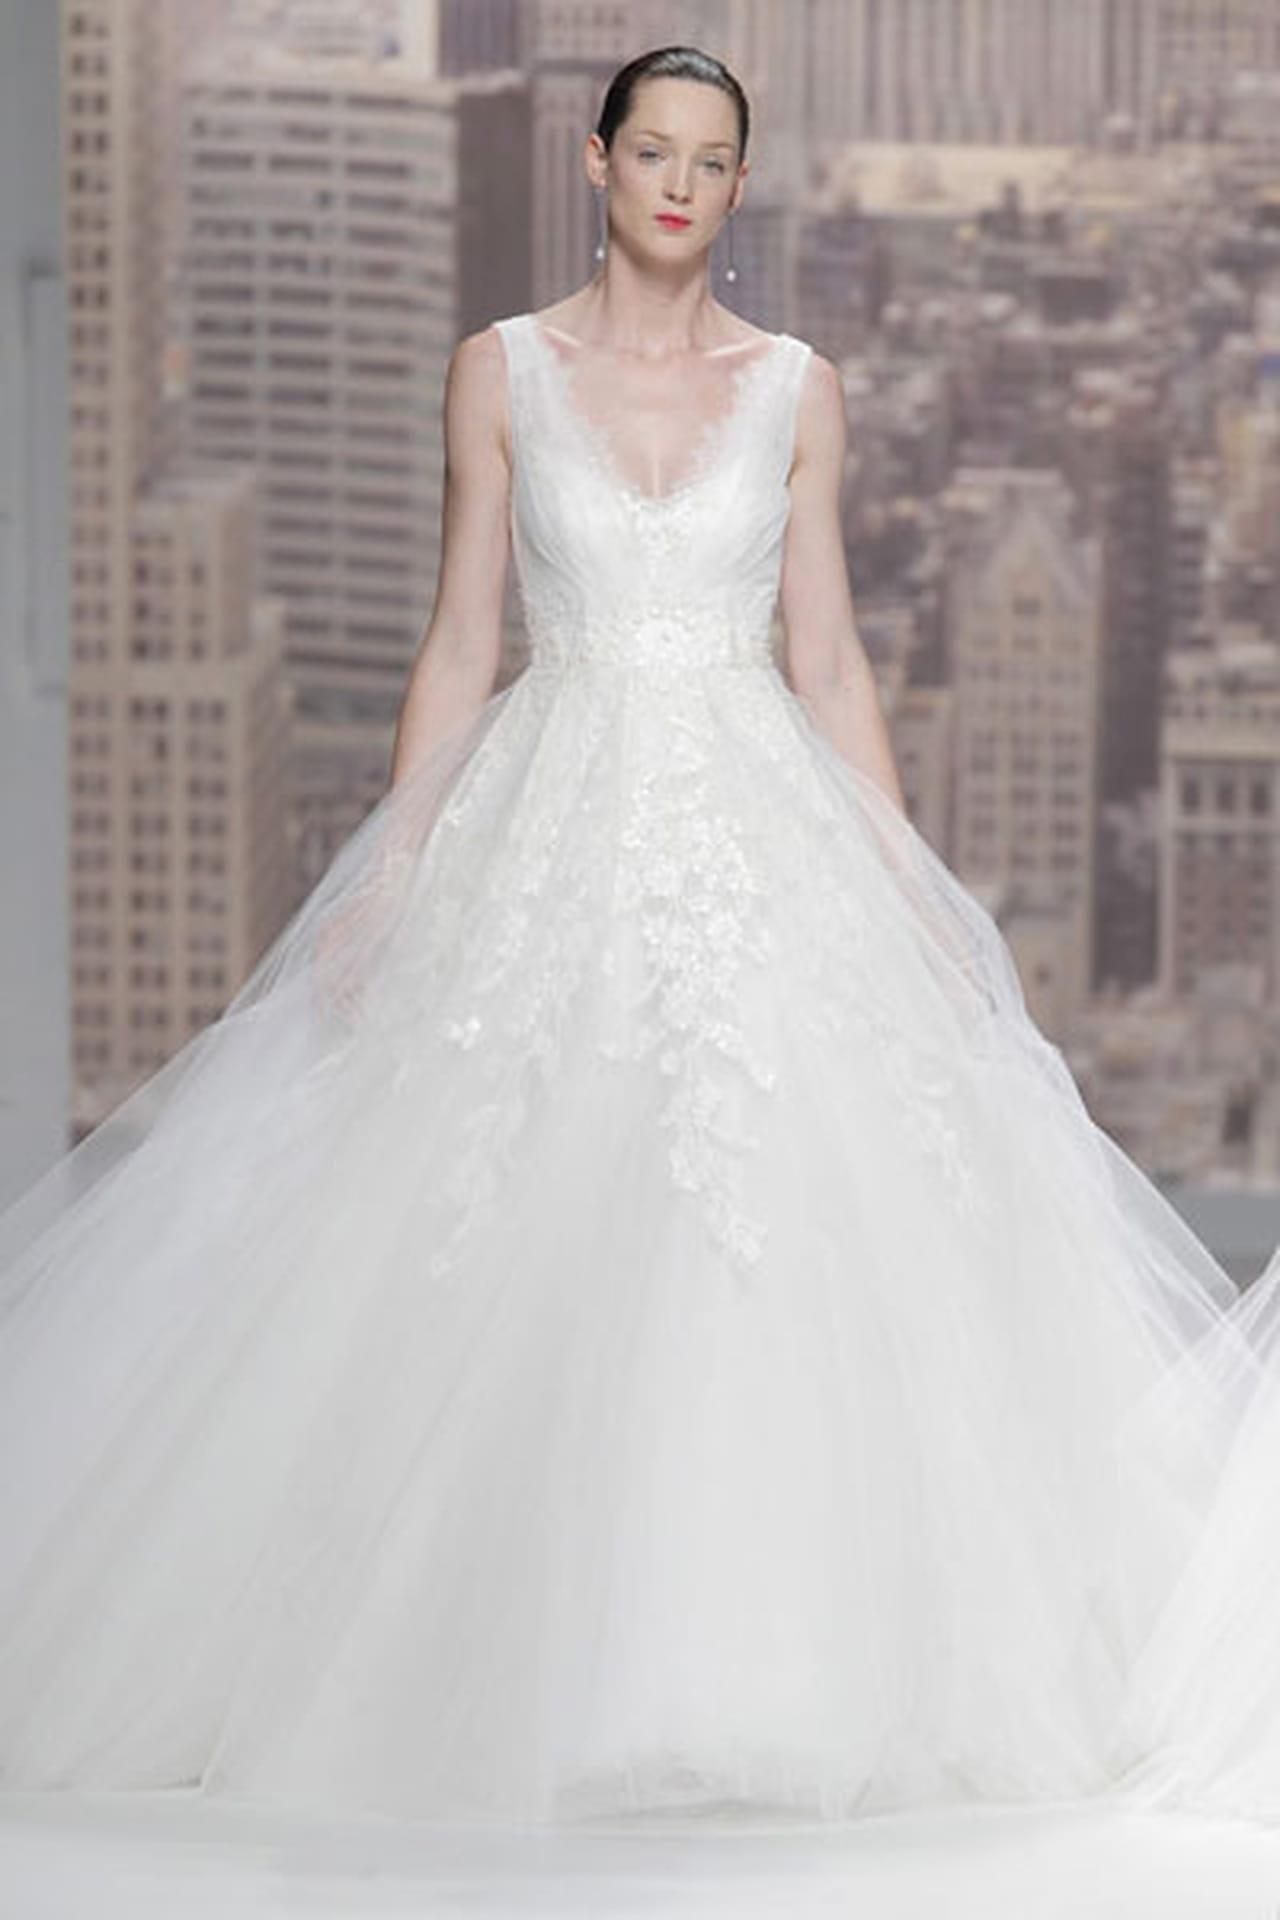 تصاميم حالمة في فساتين زفاف 820508